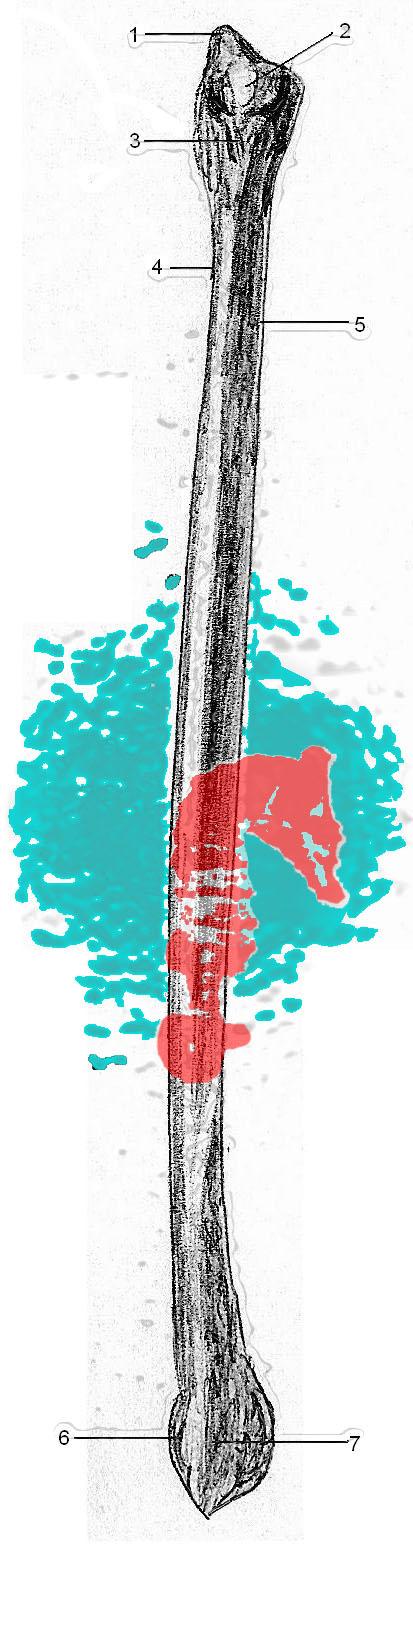 Seahorse fibula